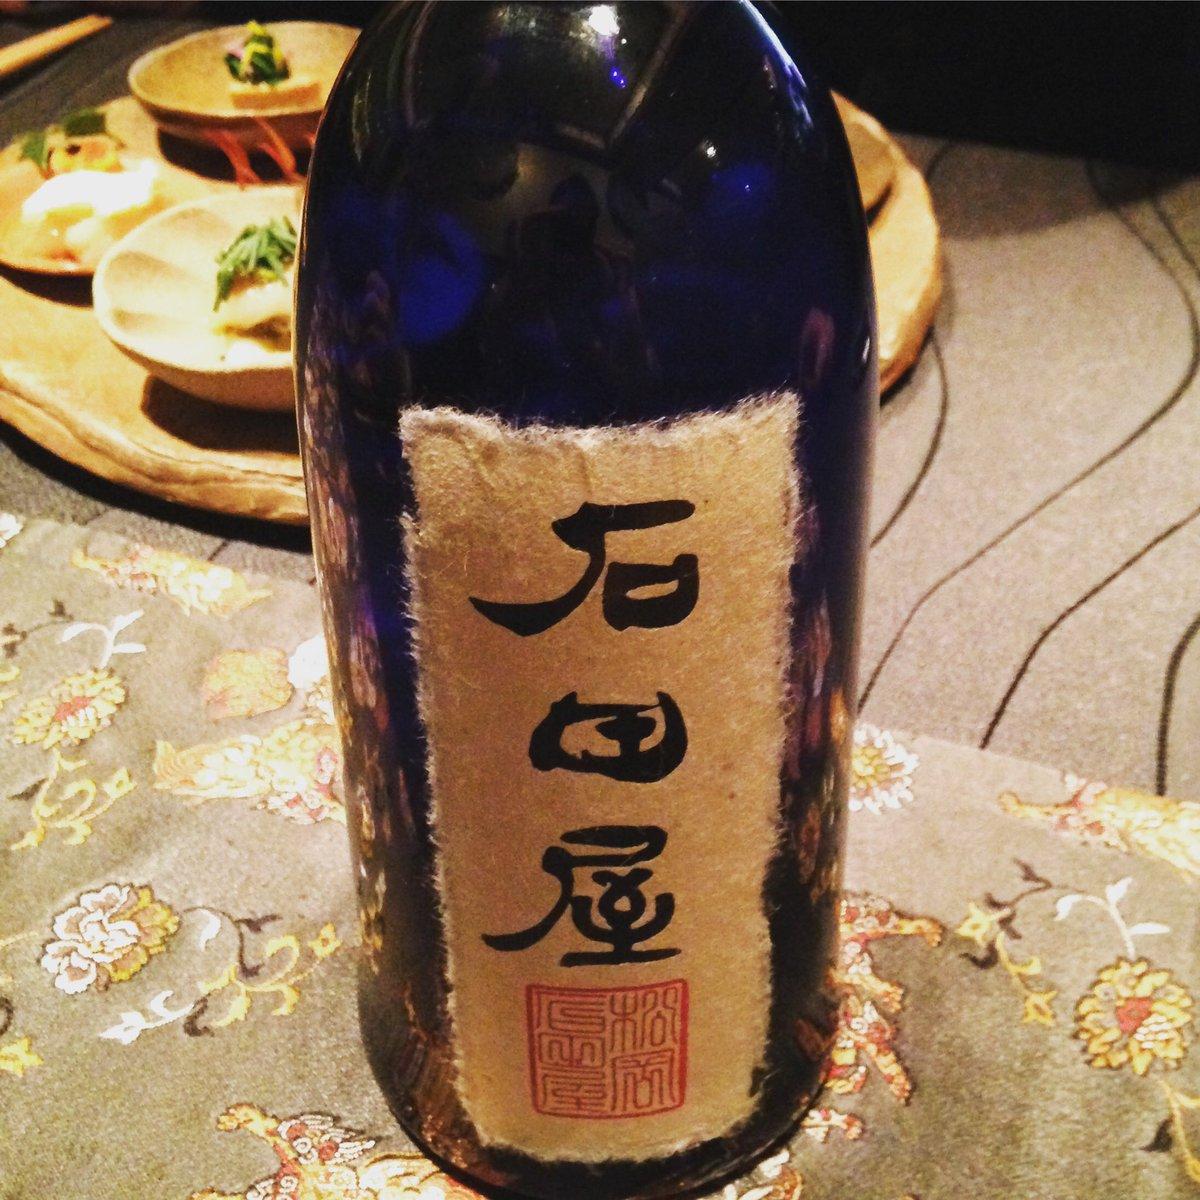 test ツイッターメディア - 「黒龍」は海外の方に大人気だと聞きました もう7年ぐらい前に龍吟で  ⭐️癖の強い日本酒バー🍶を開業しようと虎視眈眈  ⭐️ワインは忖度一切なしで厳選した少数精鋭軍団をボトルで楽しめます🍷(By the glassはなし)予定  #黒龍 #酒 #石田屋 #日本酒 https://t.co/fgenZpYhcQ